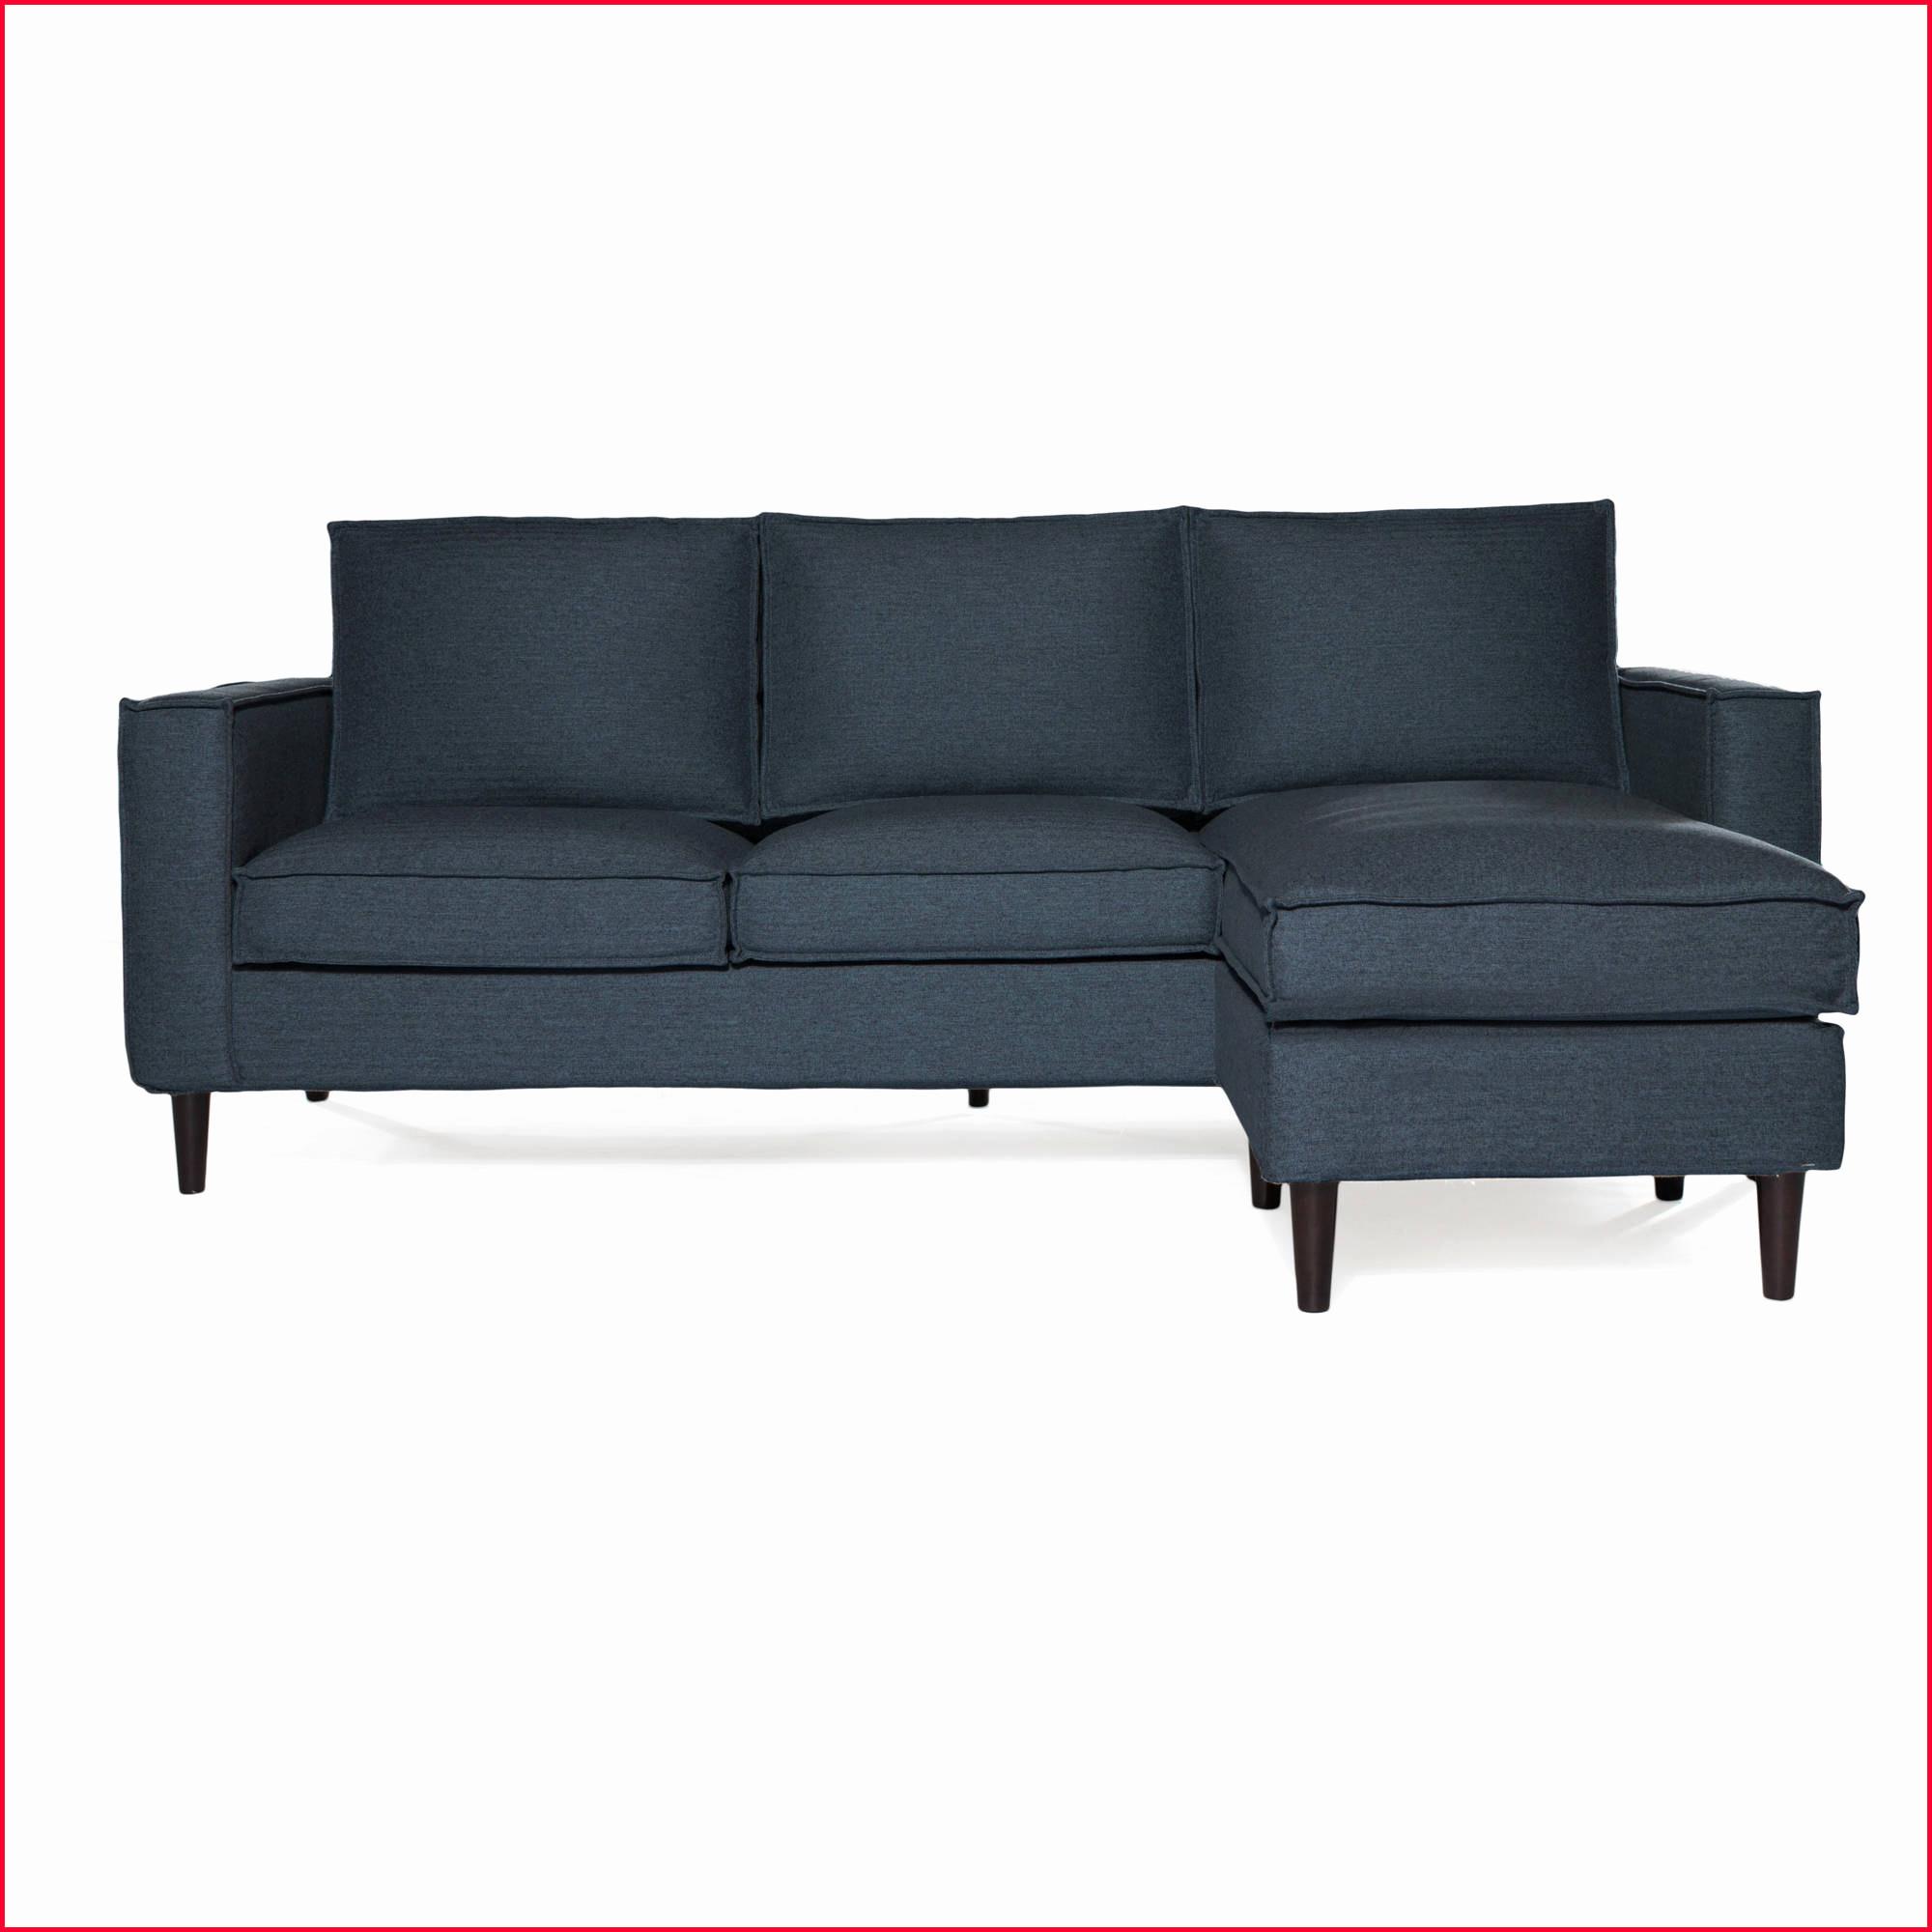 Sofa Esquinero Pequeño Q0d4 Ikea sofa Cama Pequeño Home Inteior Inspiration